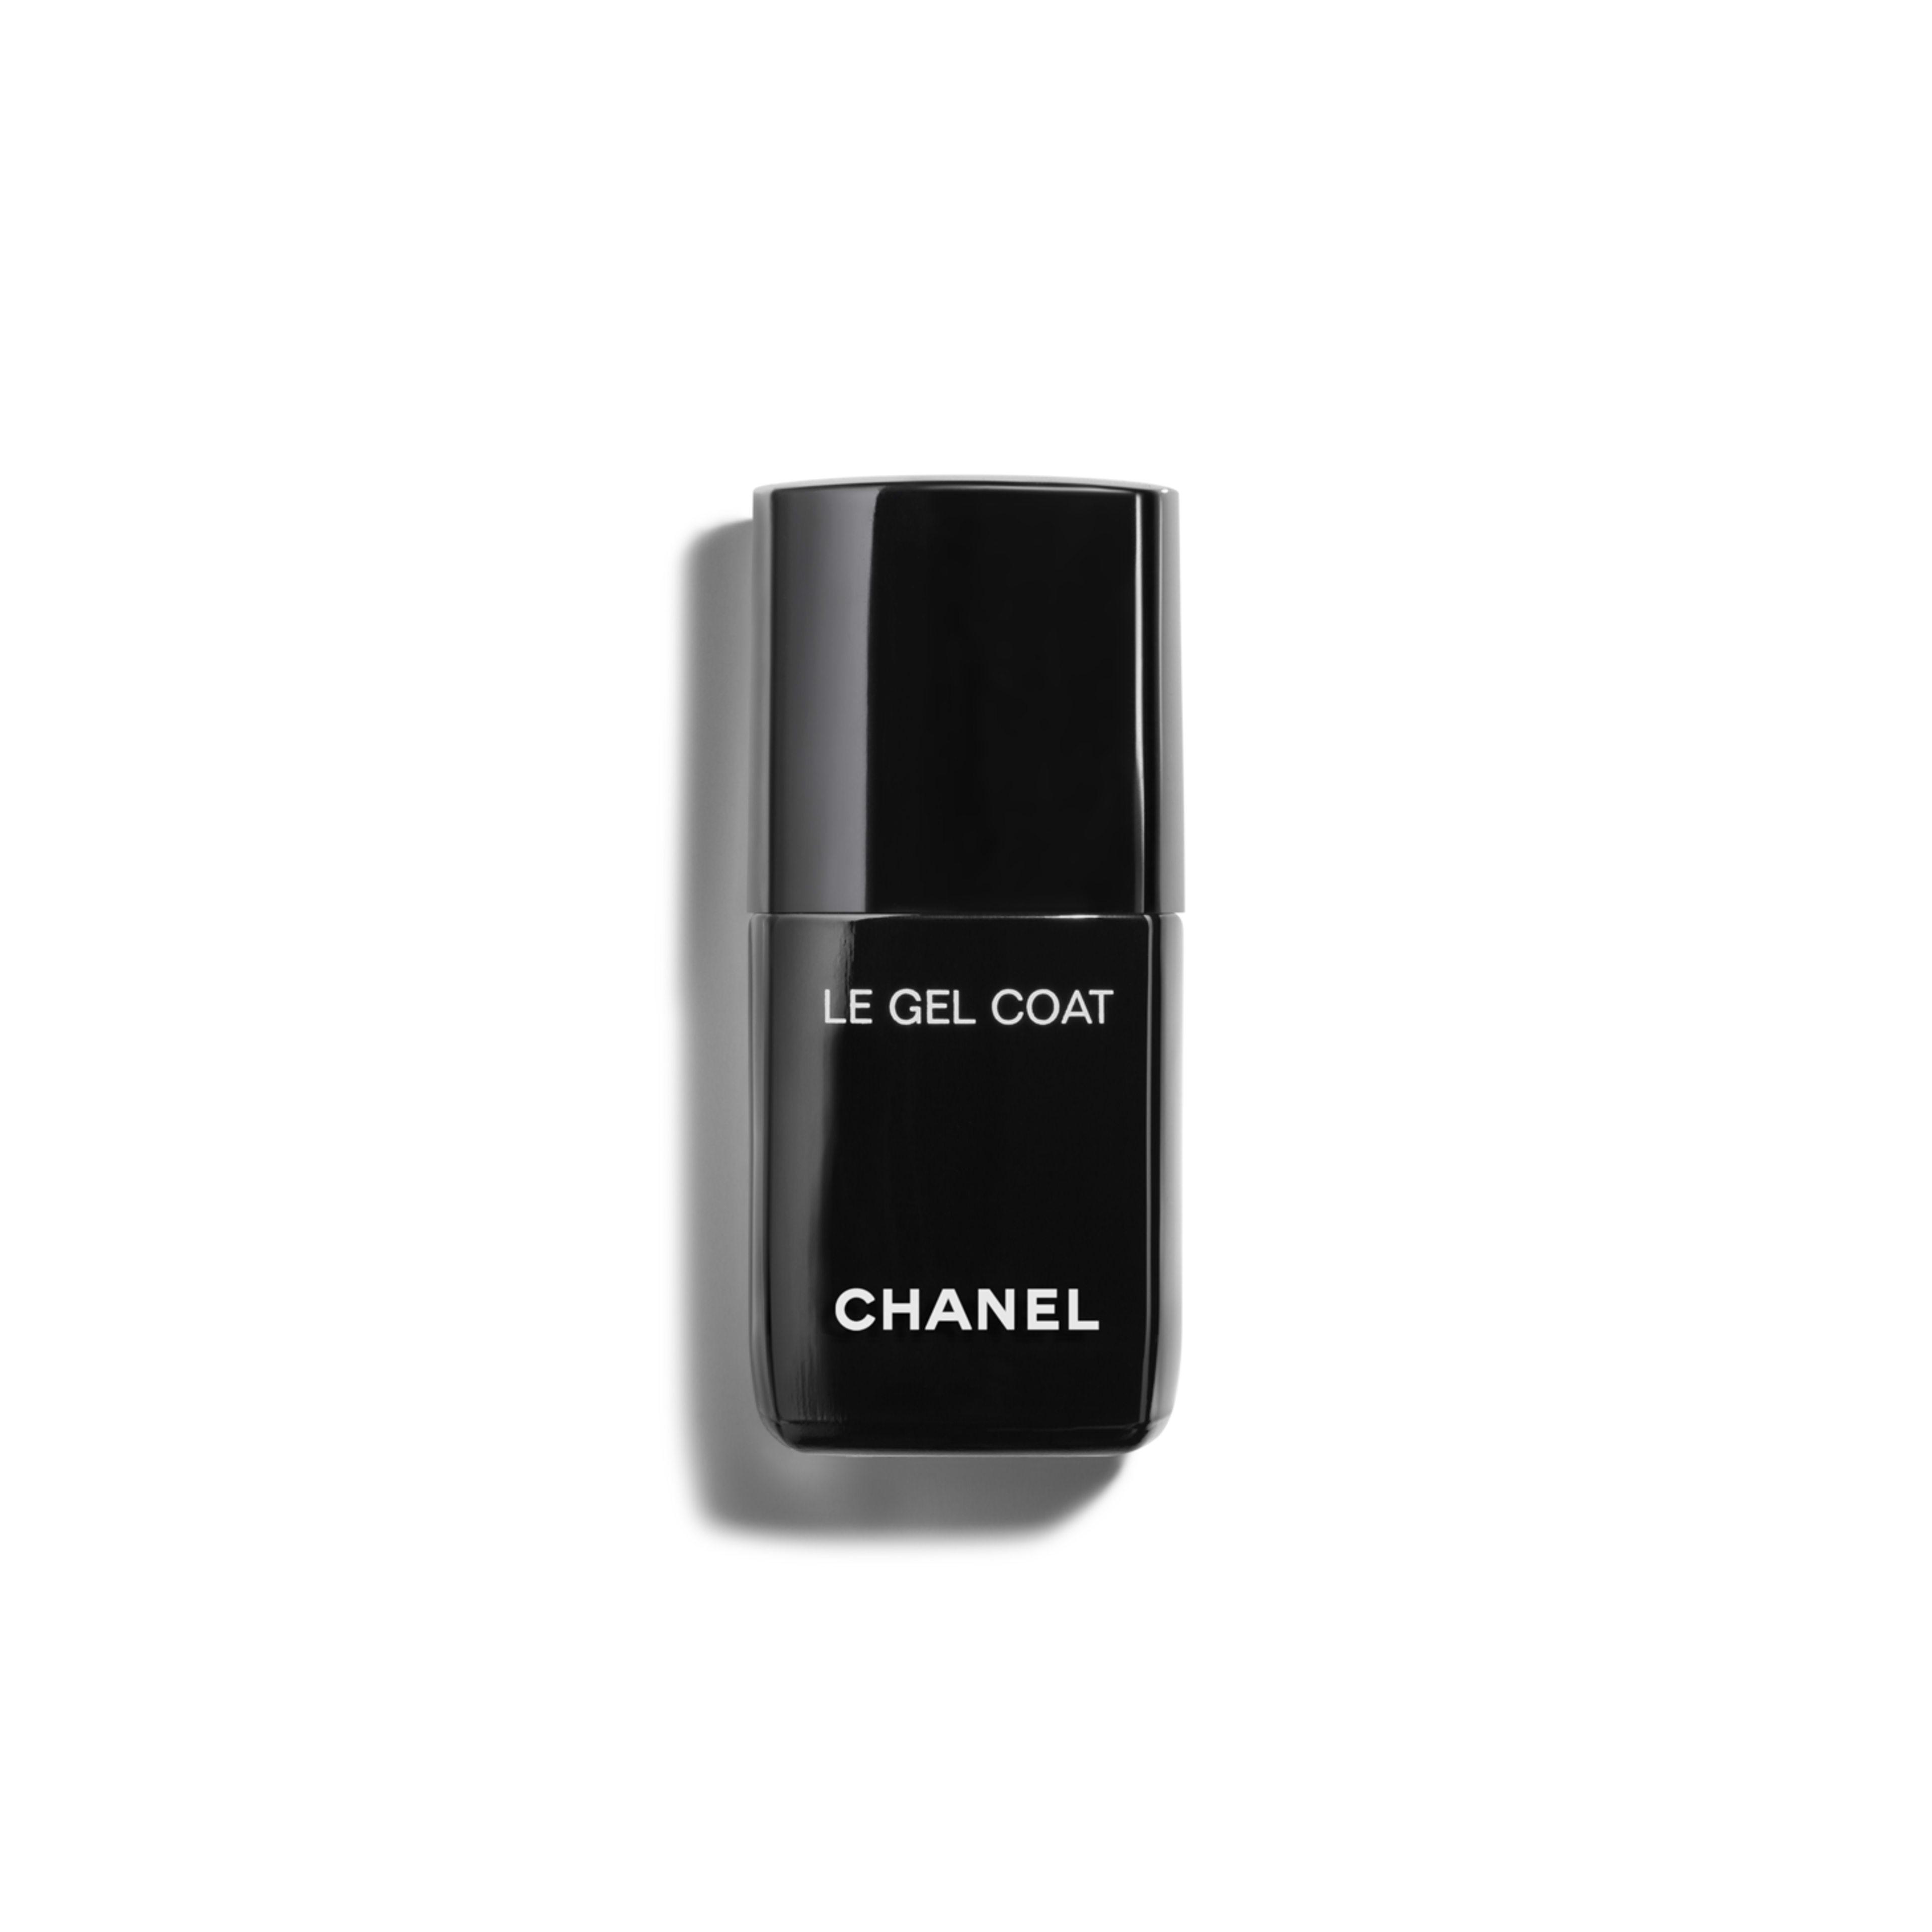 LE GEL COAT - makeup - 0.4FL. OZ. - Default view